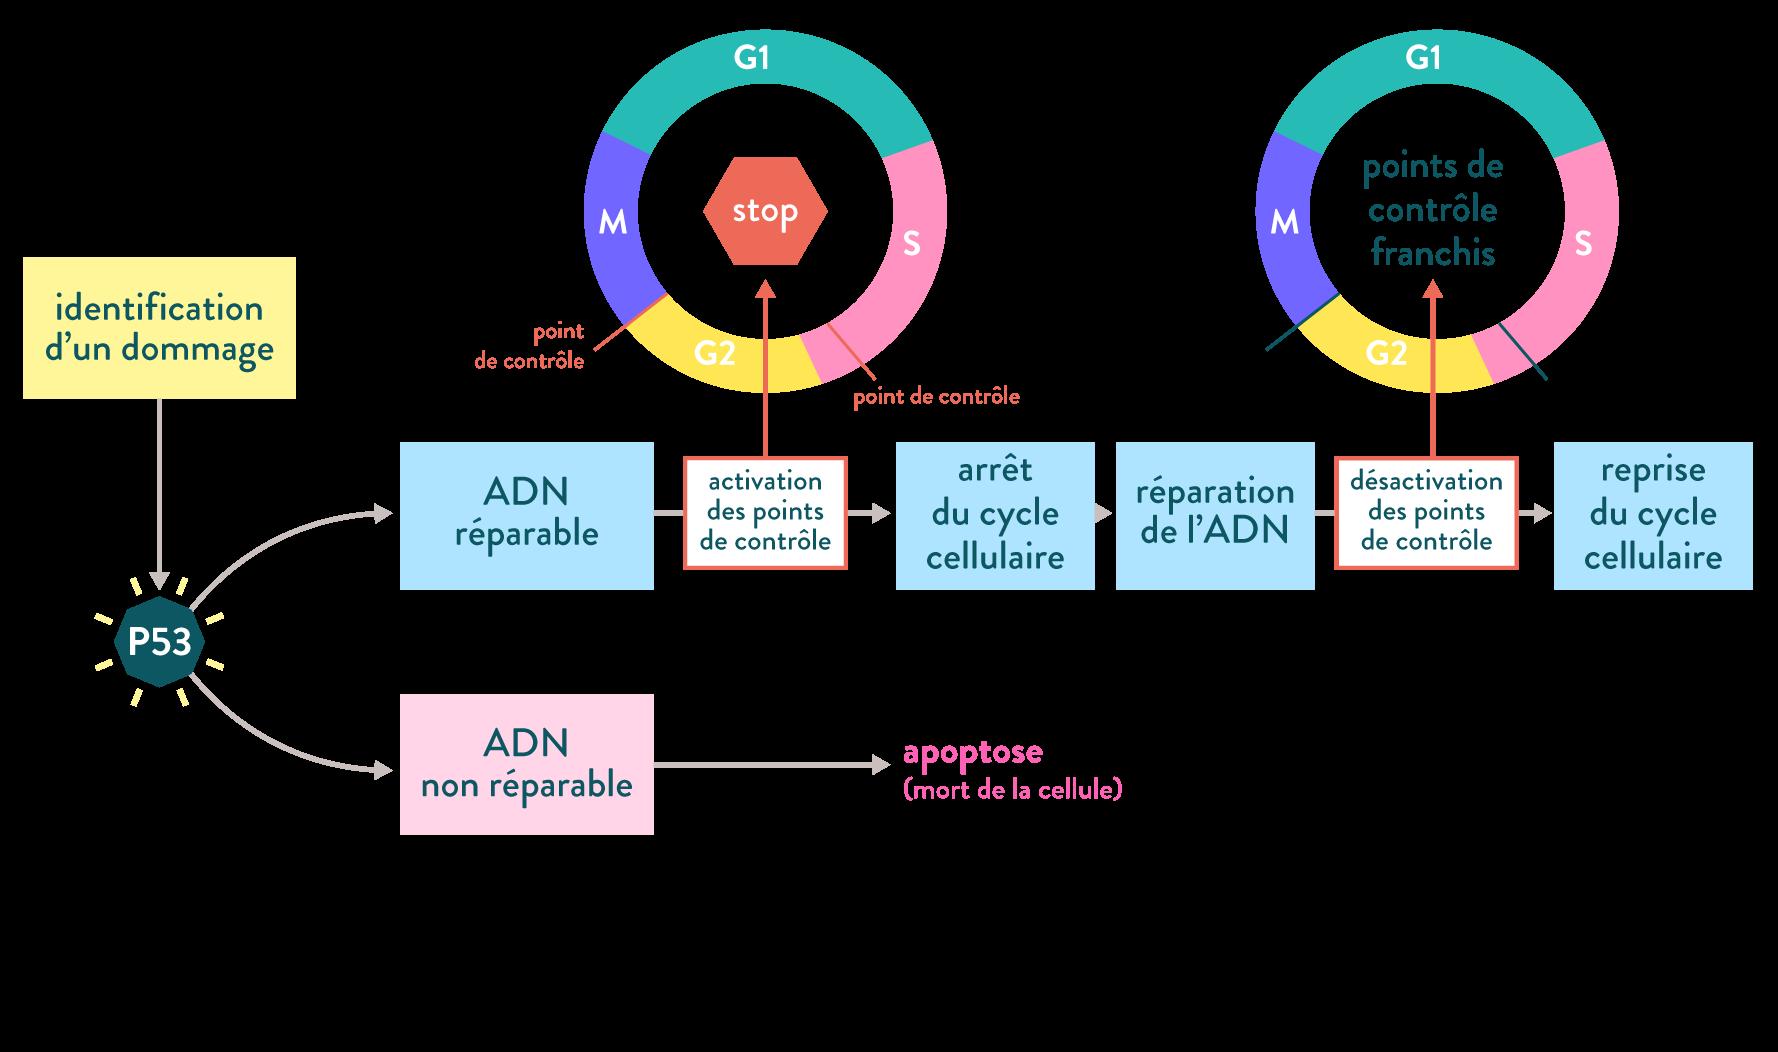 P53 apoptose cancer